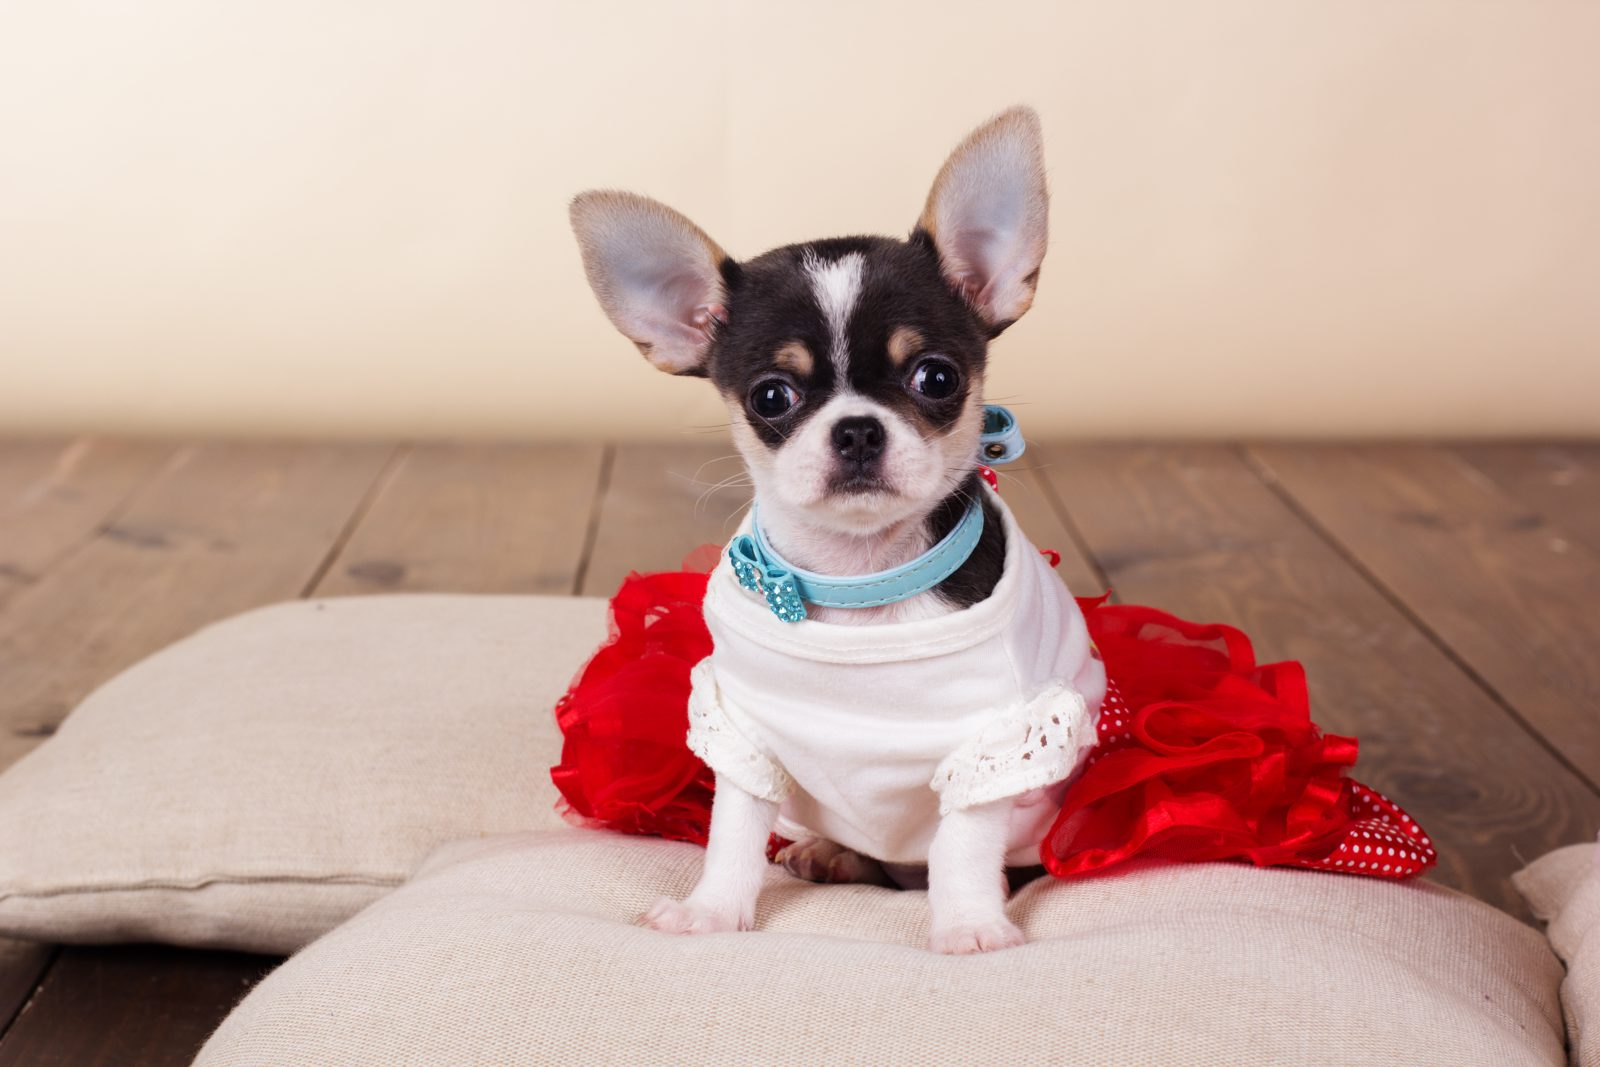 Cão guia: Chihuahua branco e preto com sua roupinha fashion e almofadas macias.